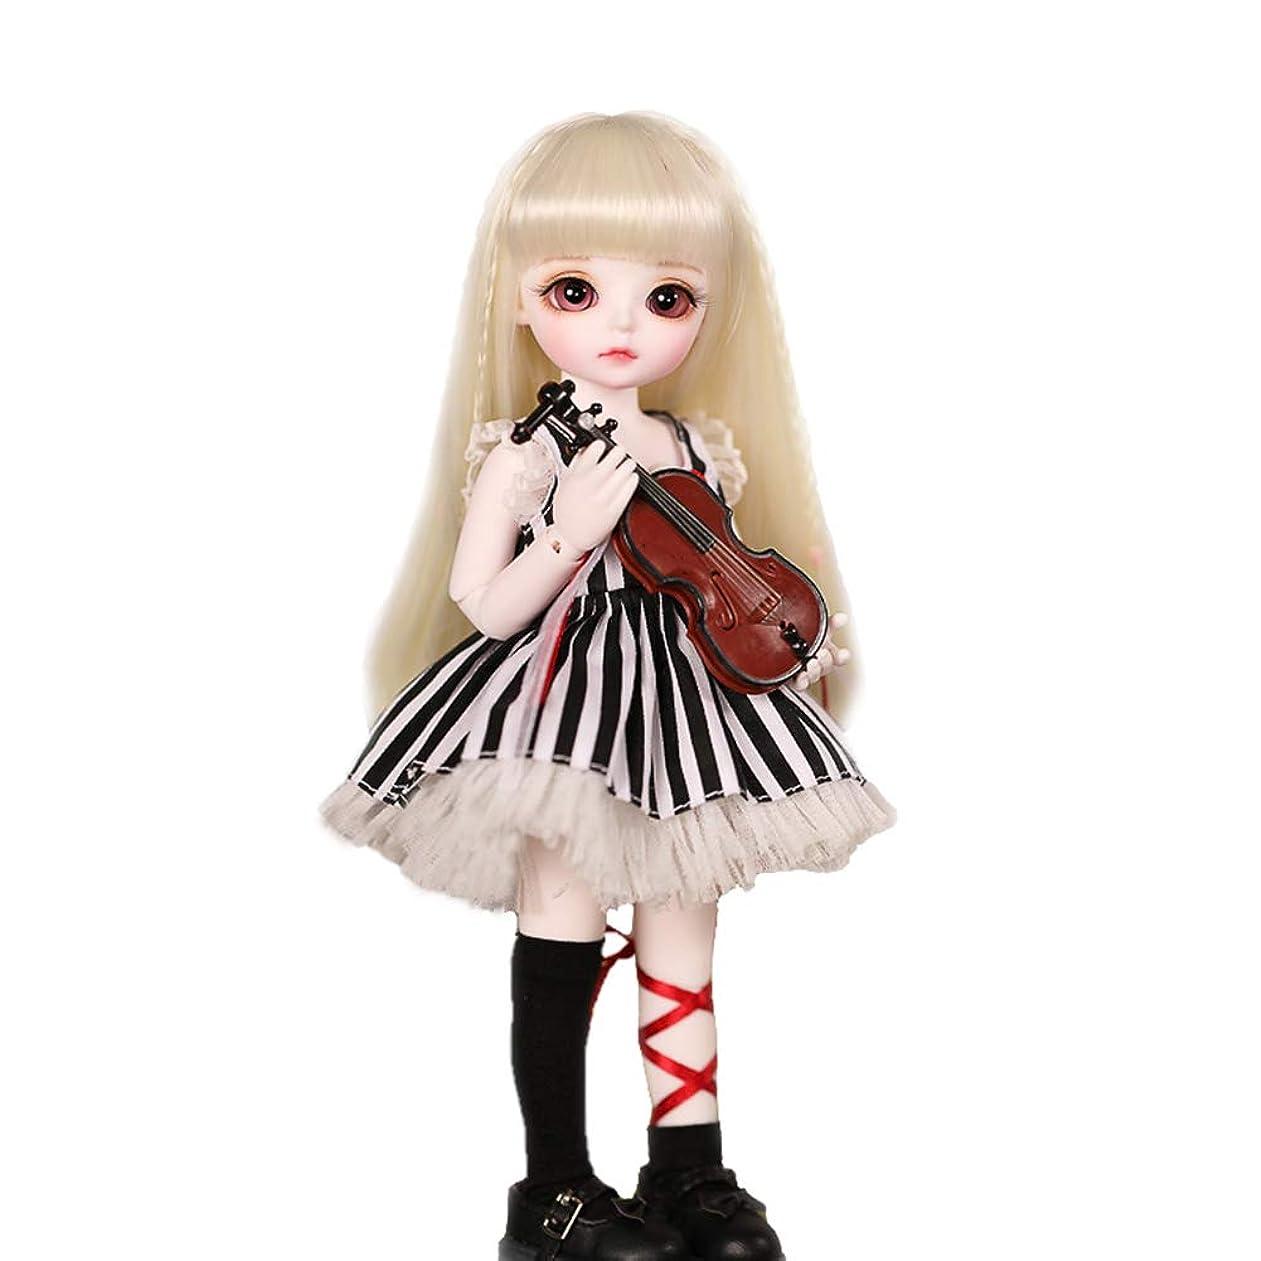 速報イヤホン攻撃的関節人形のおもちゃ1/6 BJD人形26Cm SD人形の球体関節人形と服靴ウィッグ化粧ギフトクリスマスに適した女の子